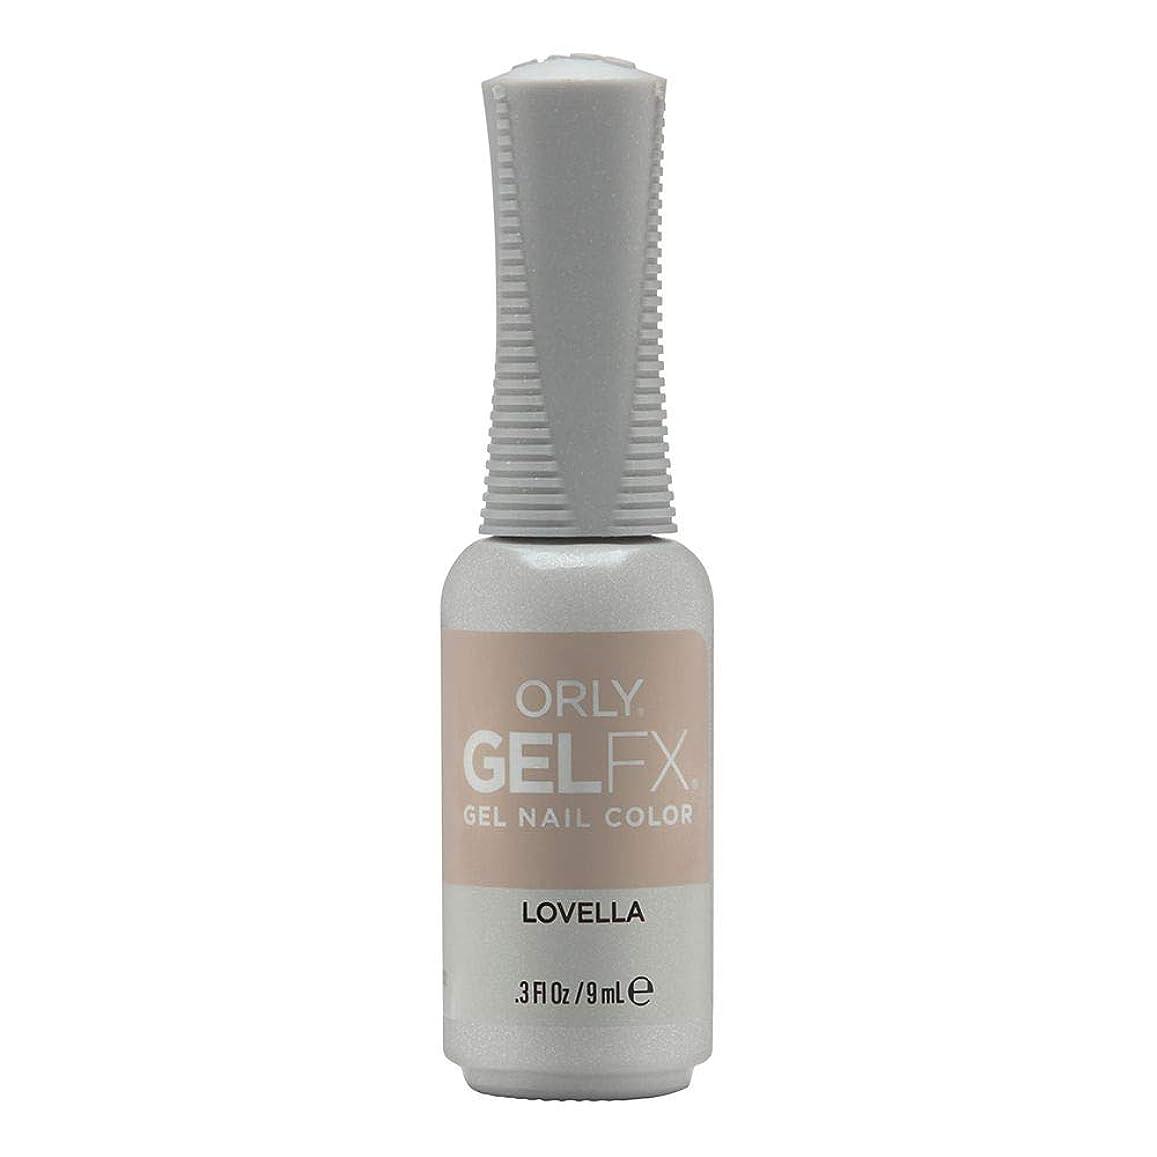 平和篭エトナ山ORLY Gel FX - Radical Optimism 2019 Collection - Lovella - 0.3 oz / 9 mL